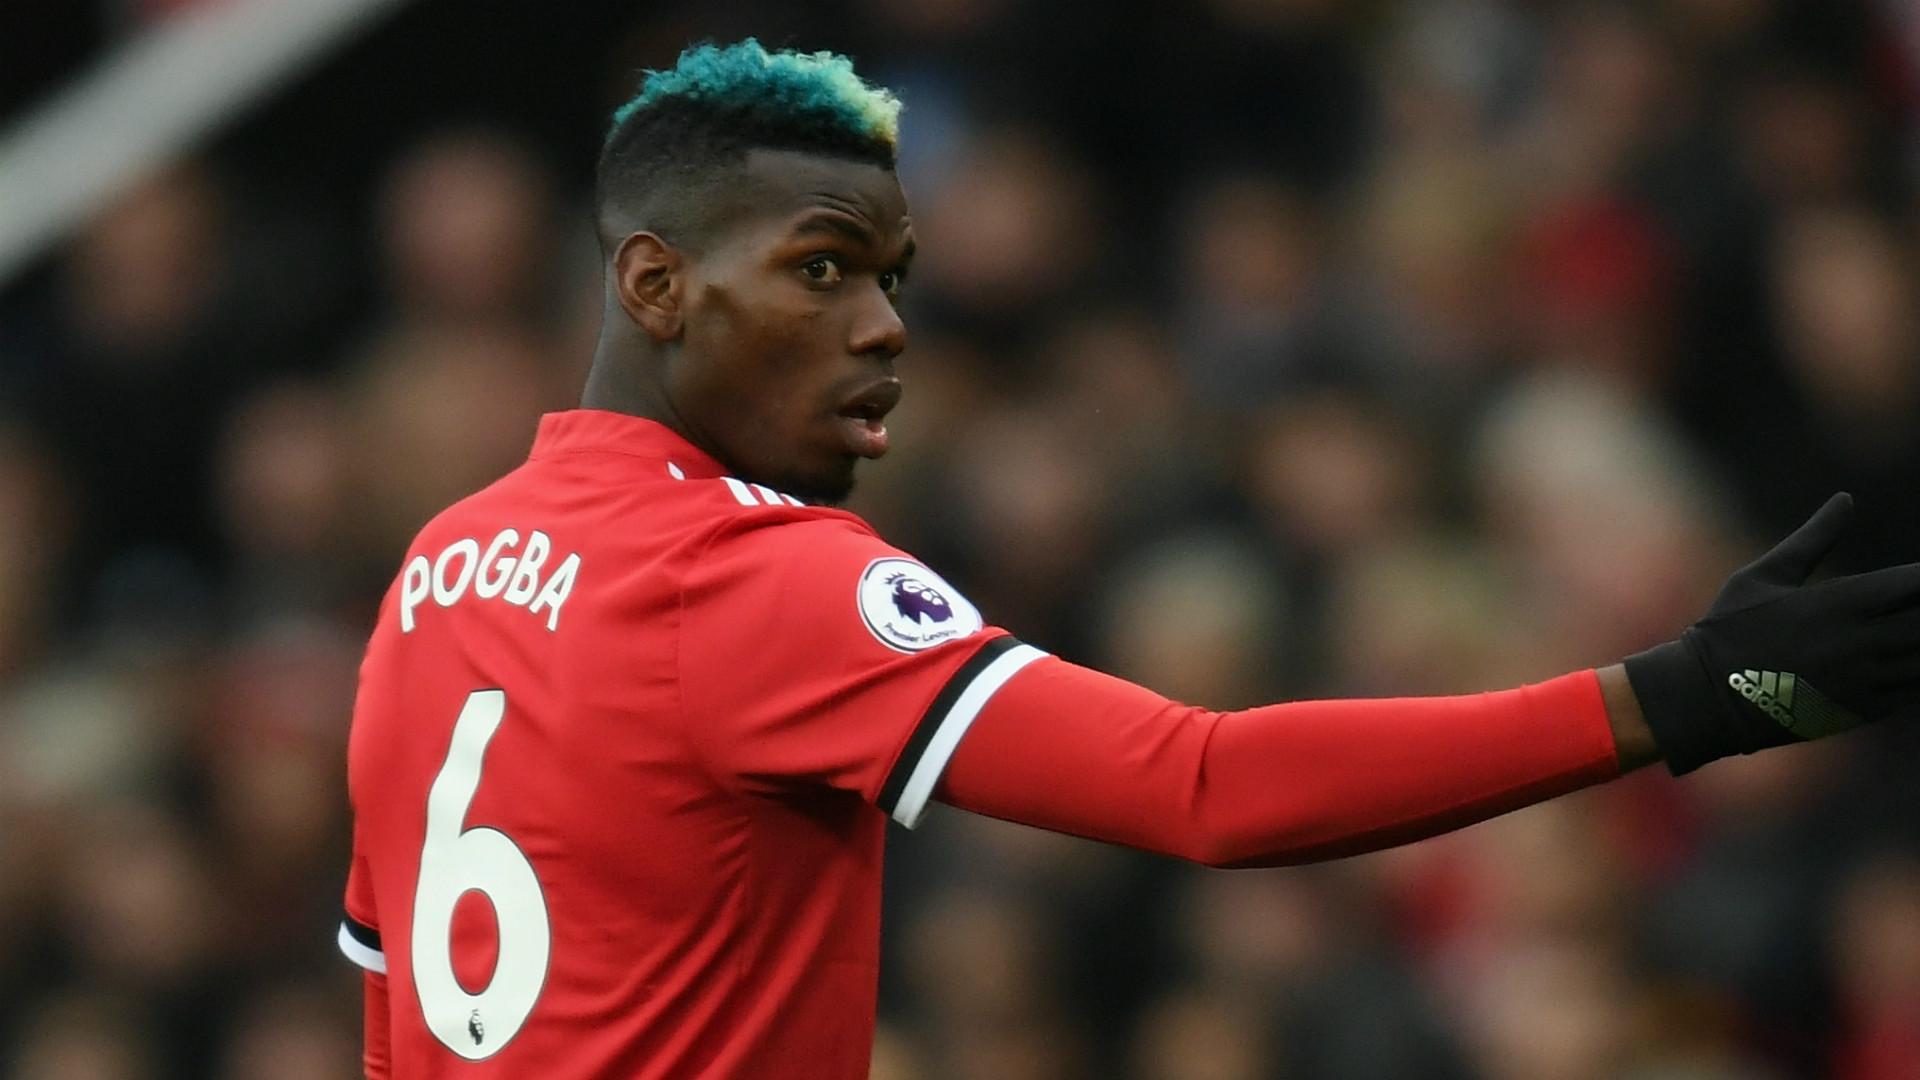 Wurde Pogba Manchester City angeboten? Mino Raiola kontert Guardiola-Aussagen